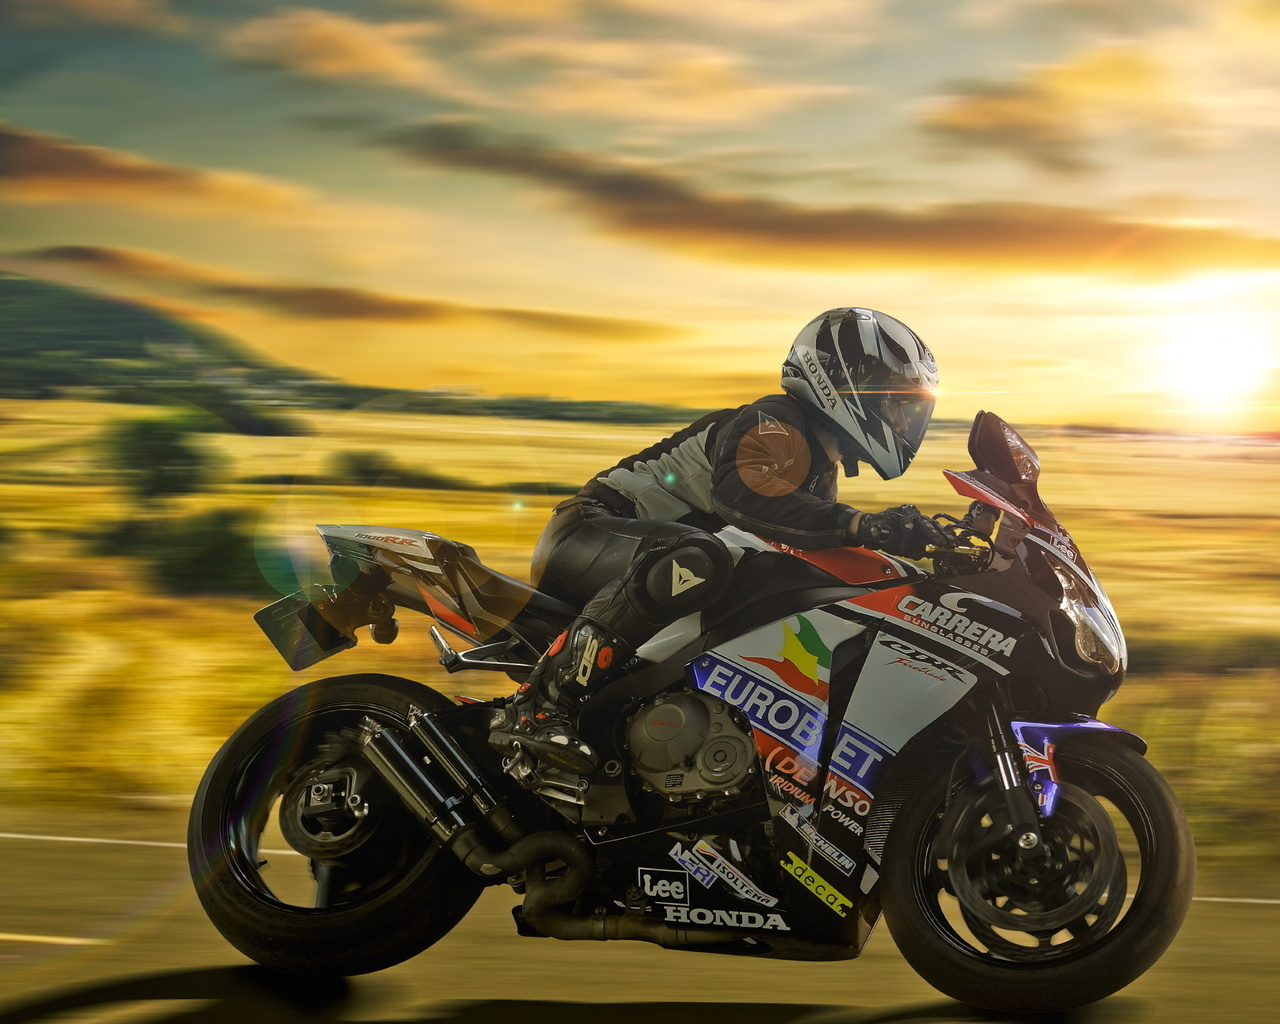 Картинки с мотоциклистами, здоровом образе жизни